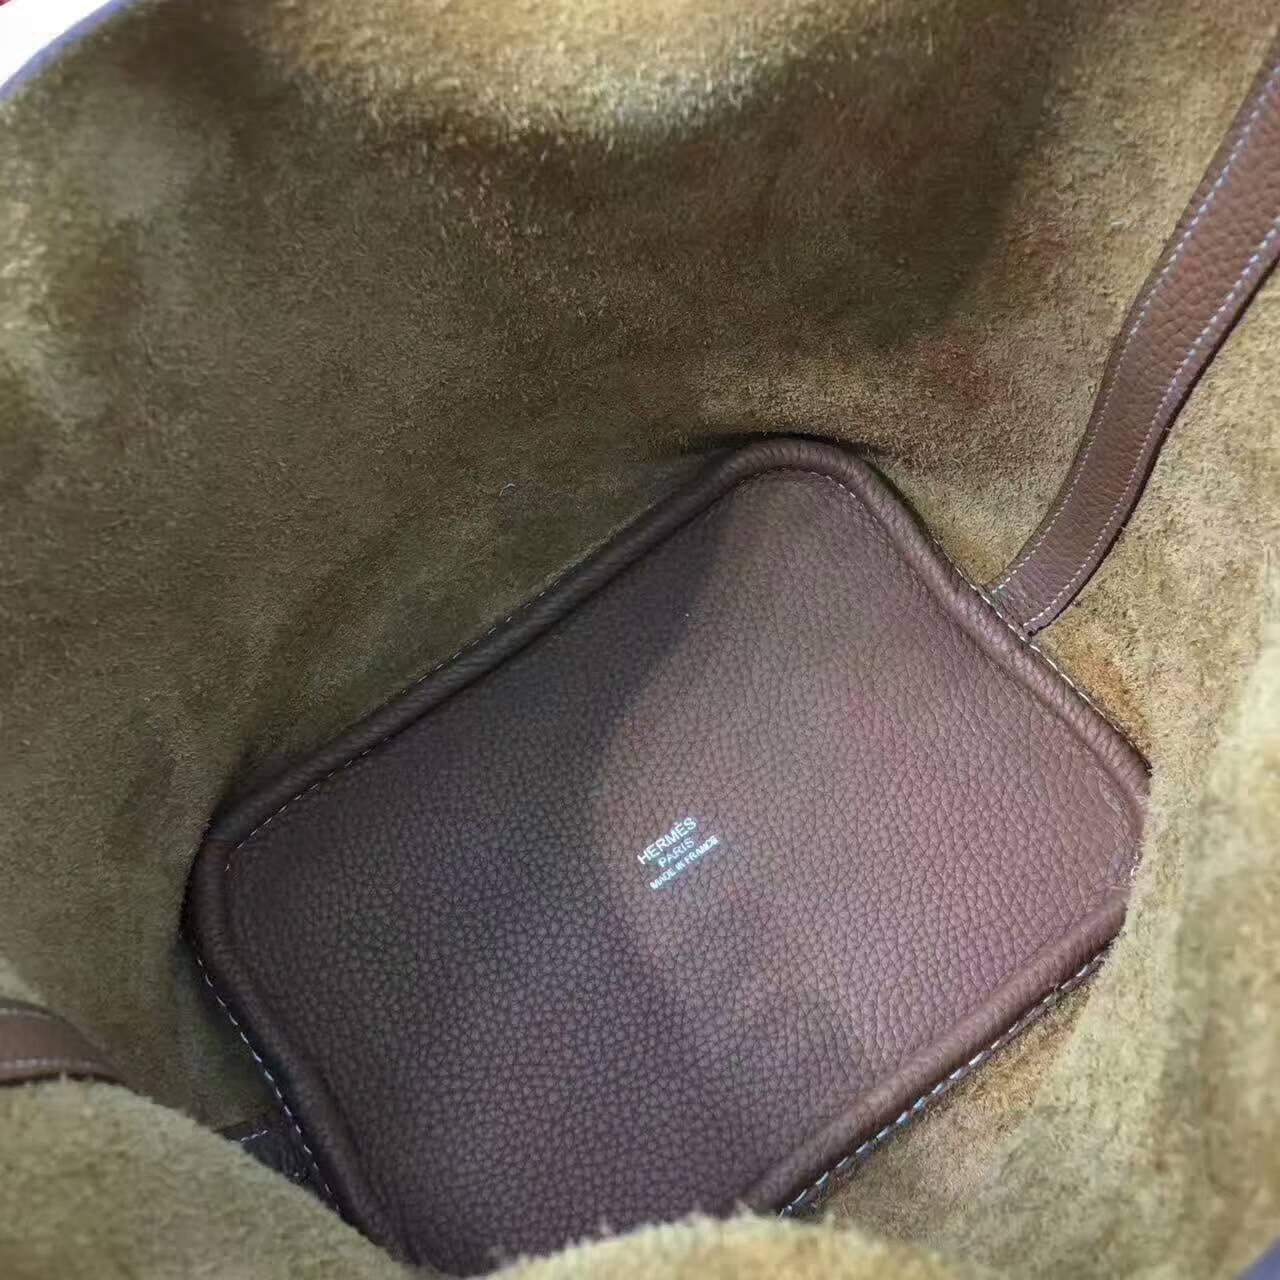 Hermes菜篮子 手工蜡线 18-22cm Togo皮 土黄 时尚又实用